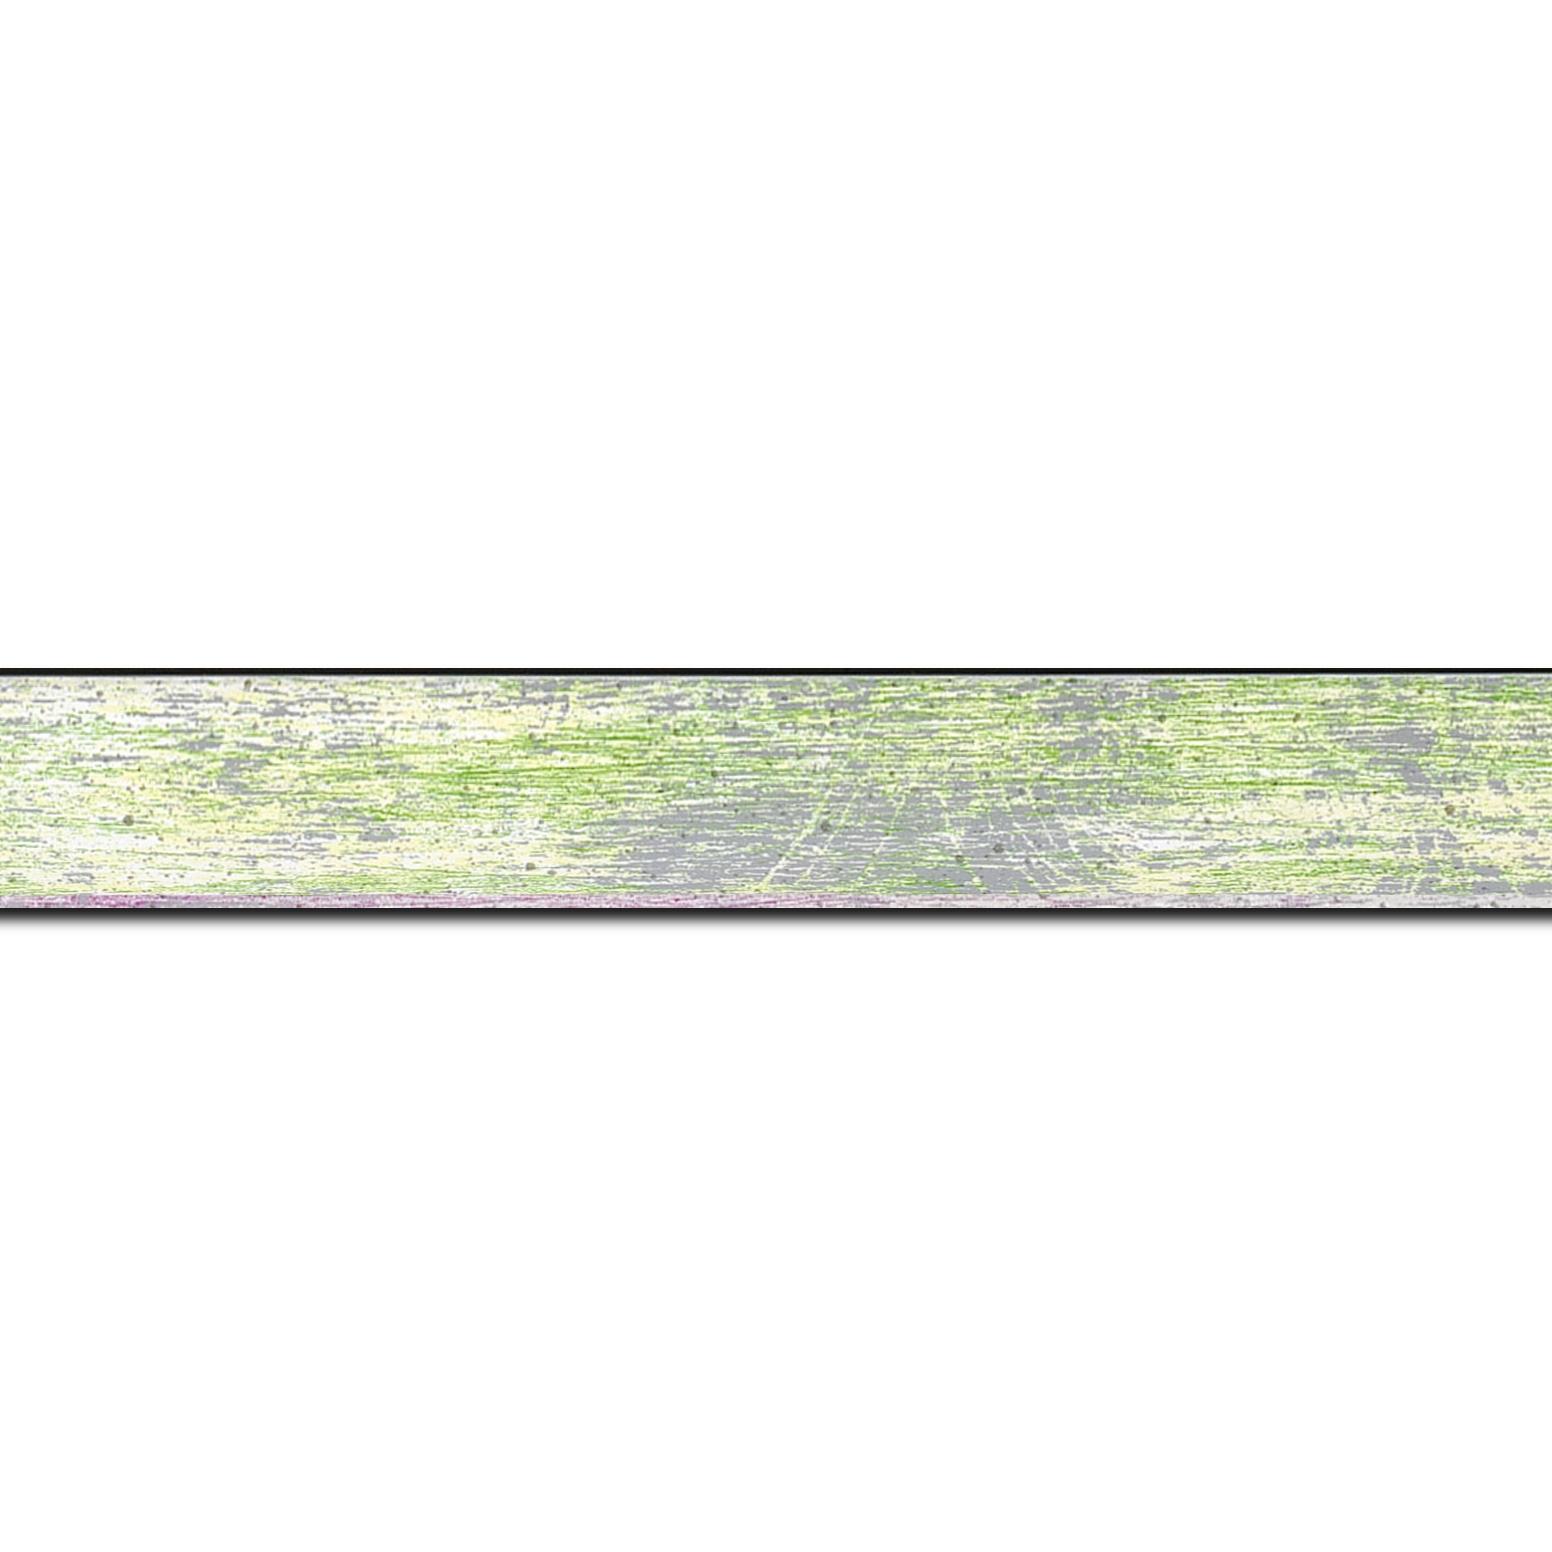 Pack par 12m, bois profil concave largeur 2.4cm de couleur vert pale fond argent (longueur baguette pouvant varier entre 2.40m et 3m selon arrivage des bois)